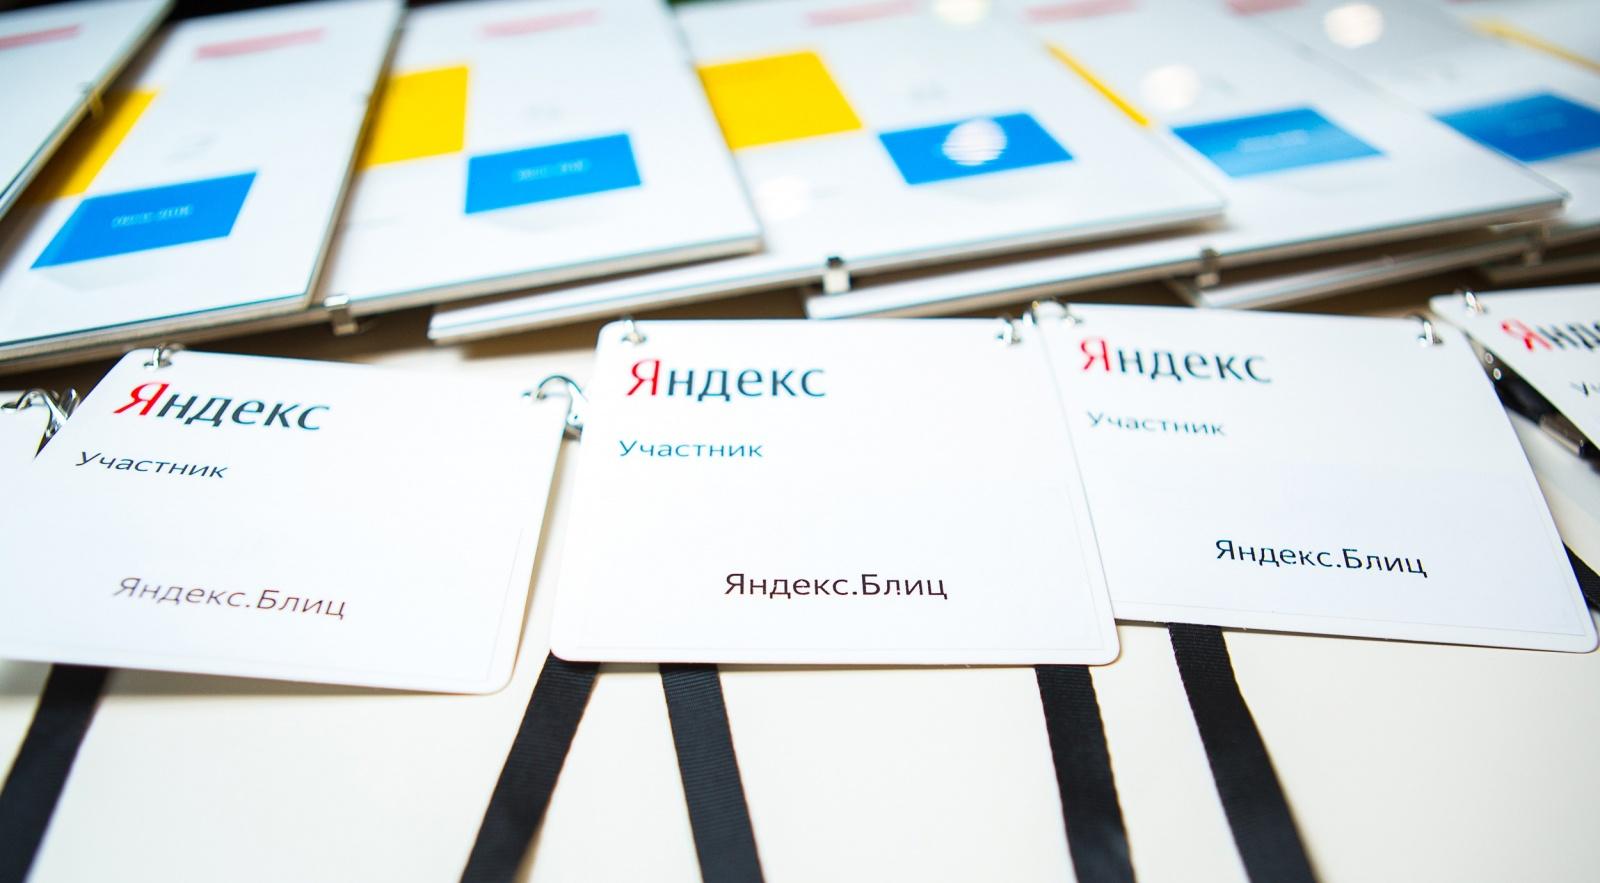 Фронтенд, алгоритмы и опоссум Фридрих. Разбираем задачи конкурса Яндекса - 1